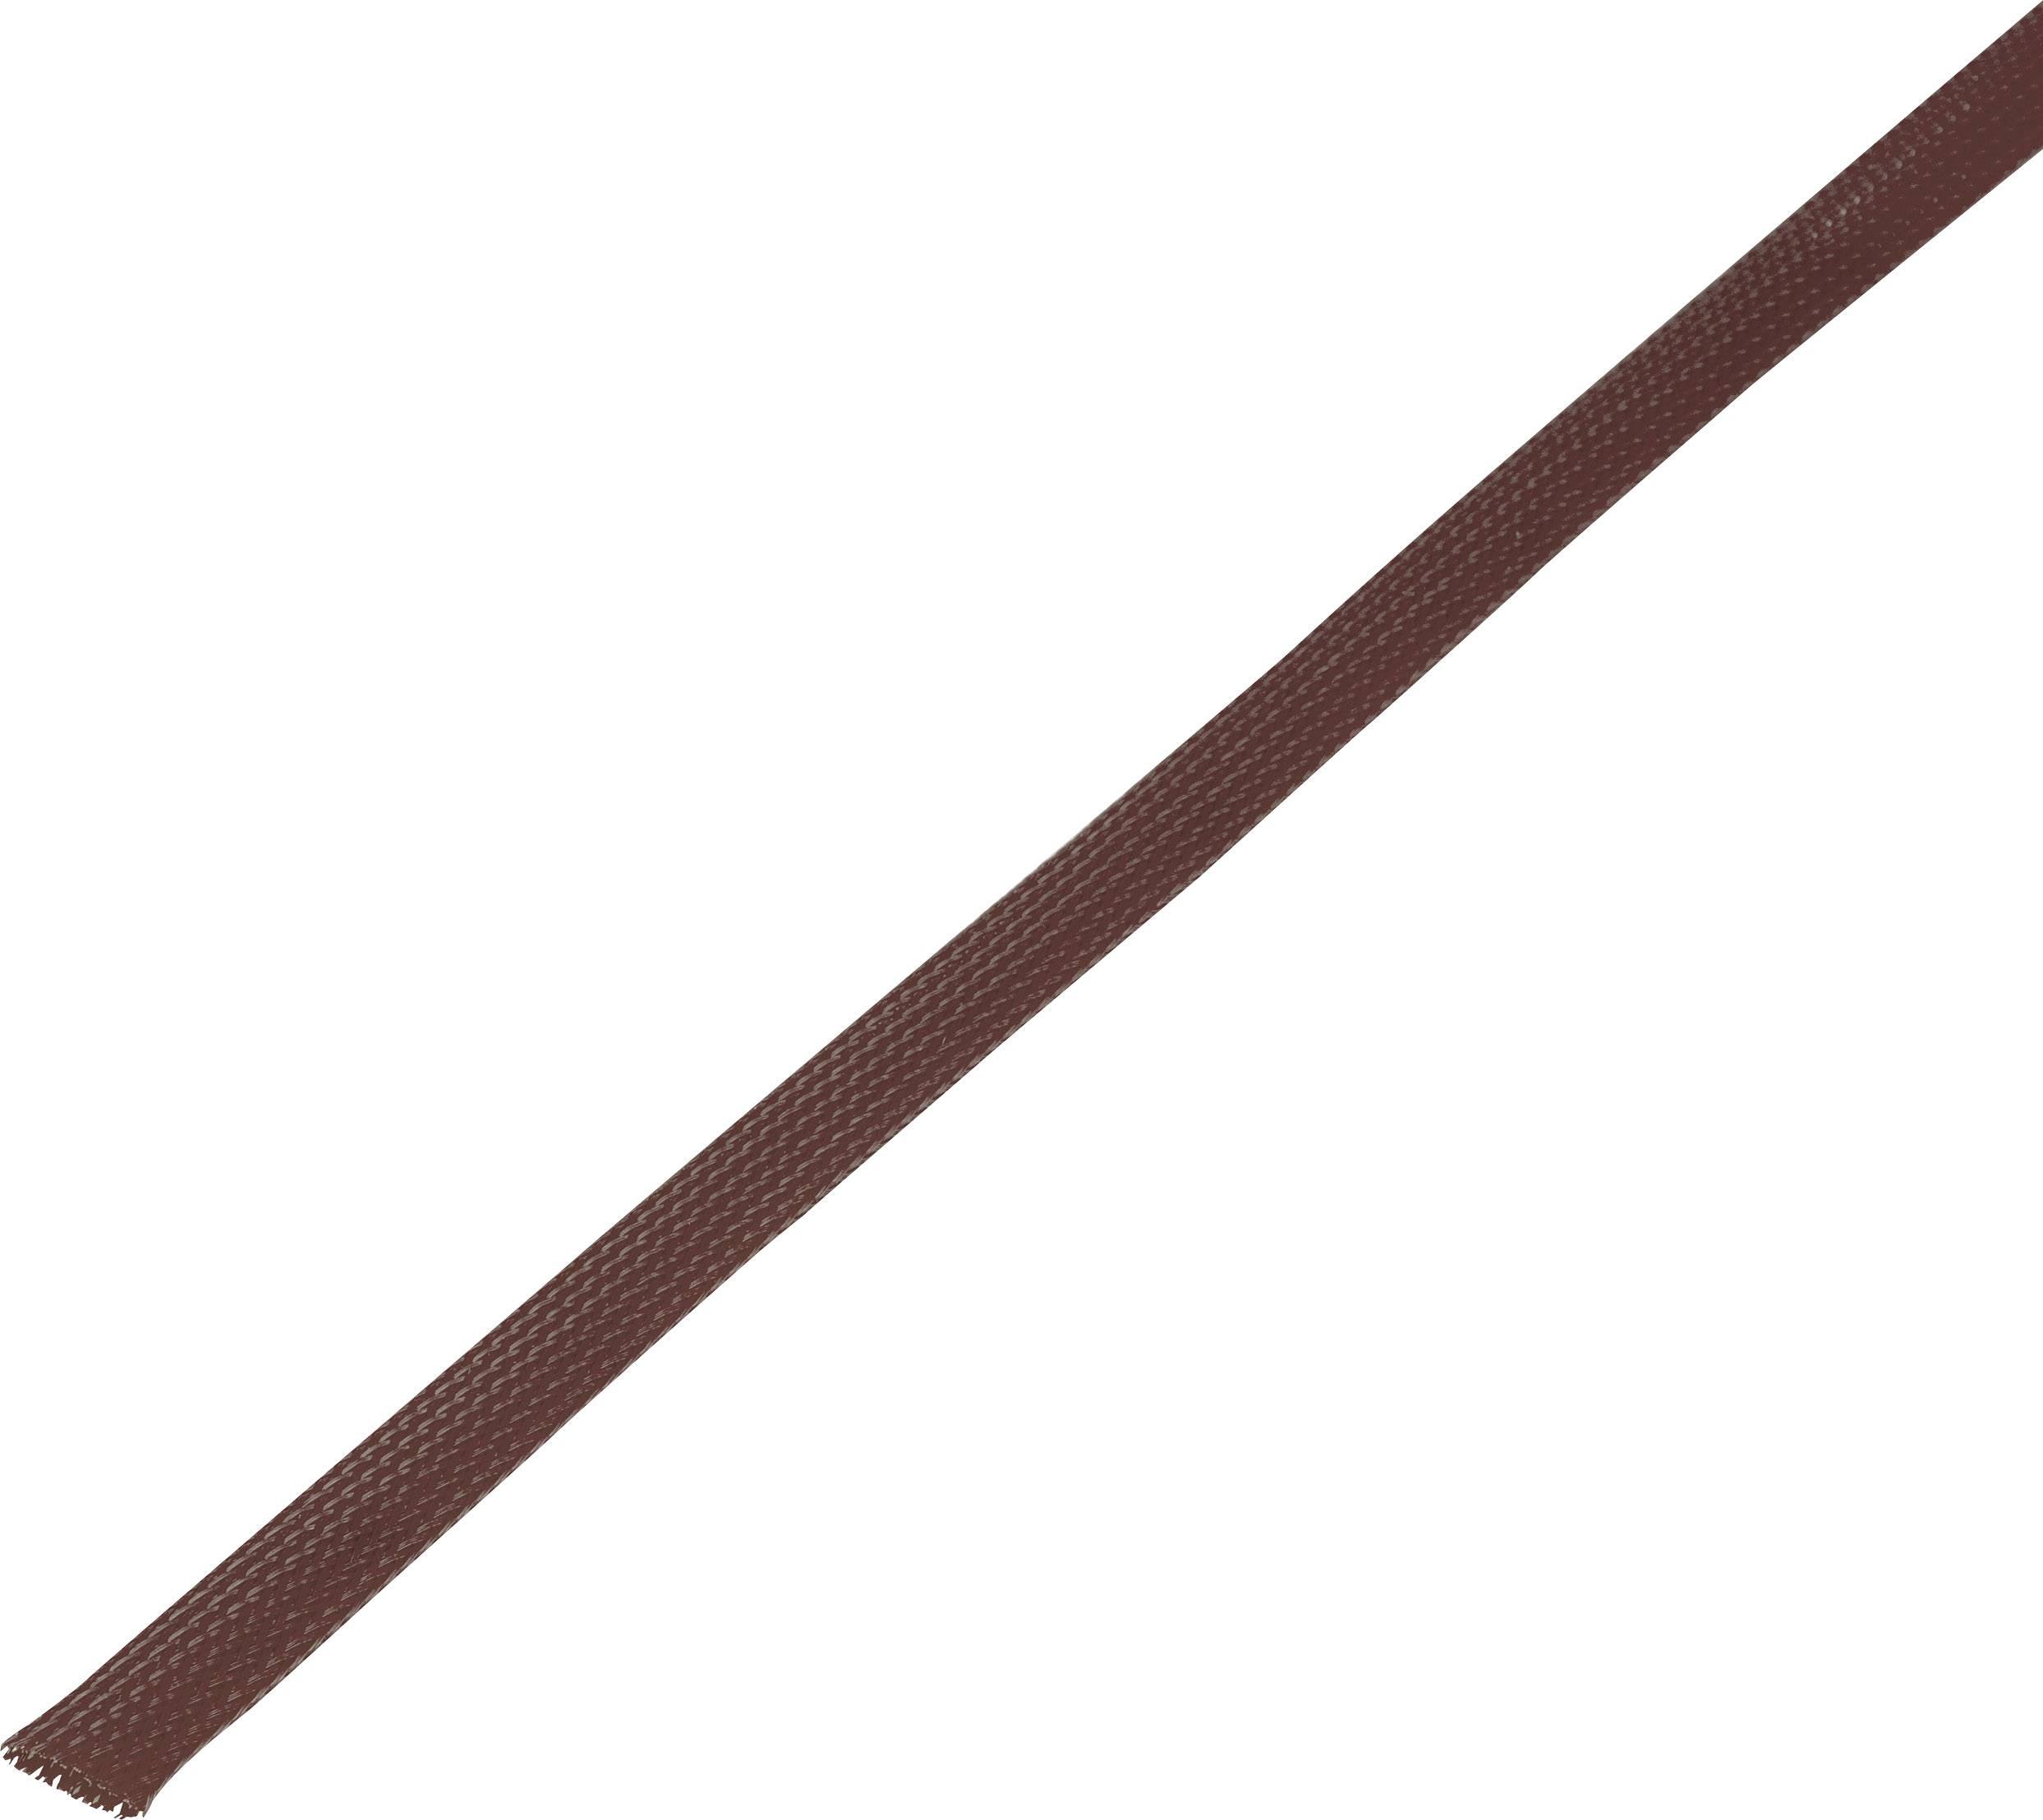 Ochranné opletenie CBBOX0510-BN Ø zväzku: 5 - 10 mm hnedá 10 m